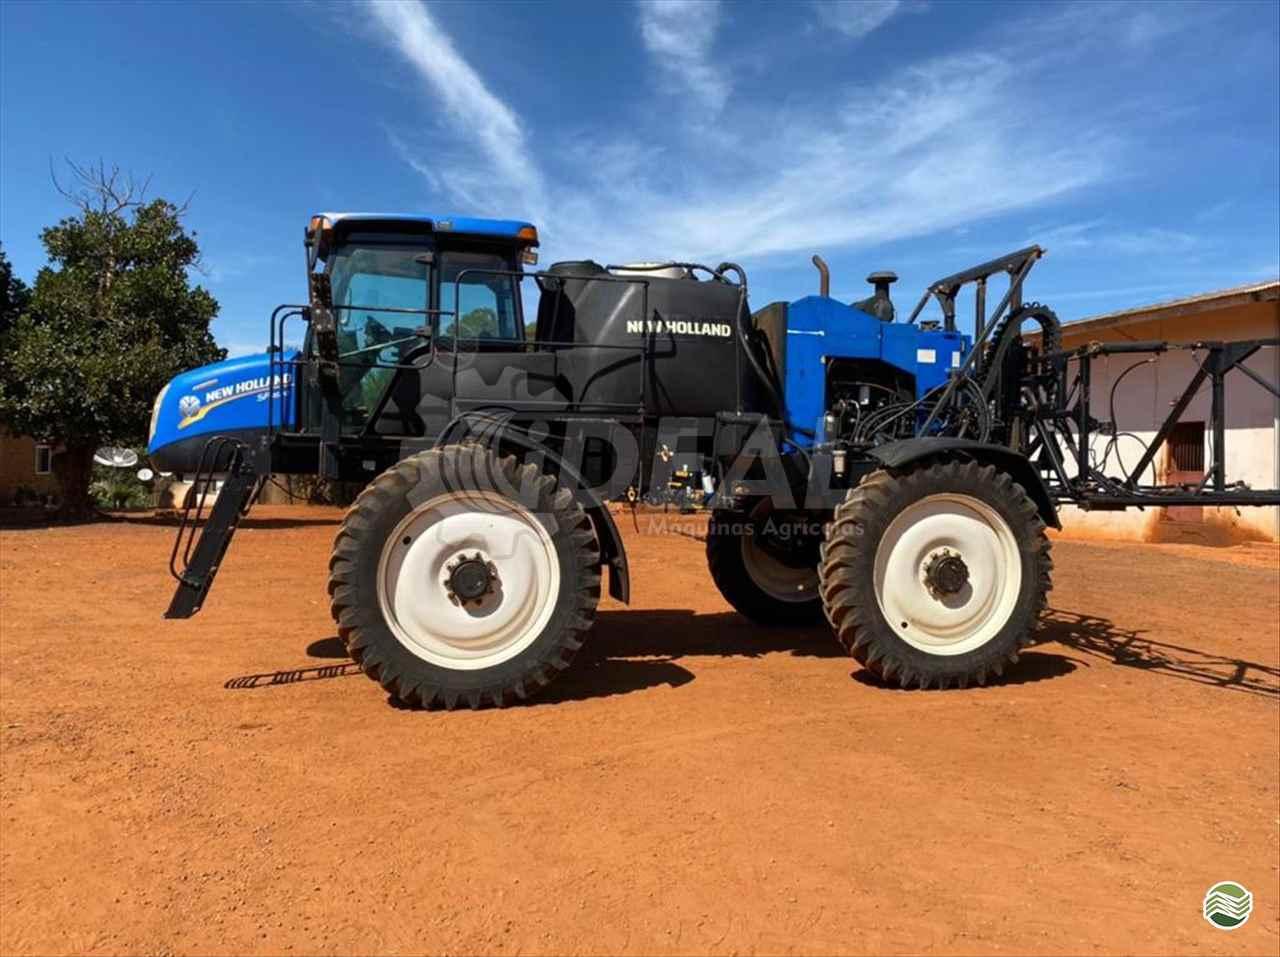 PULVERIZADOR NEW HOLLAND SP3500 Tração 4x4 Ideal Máquinas Agrícolas SAO GONCALO DO SAPUCAI MINAS GERAIS MG